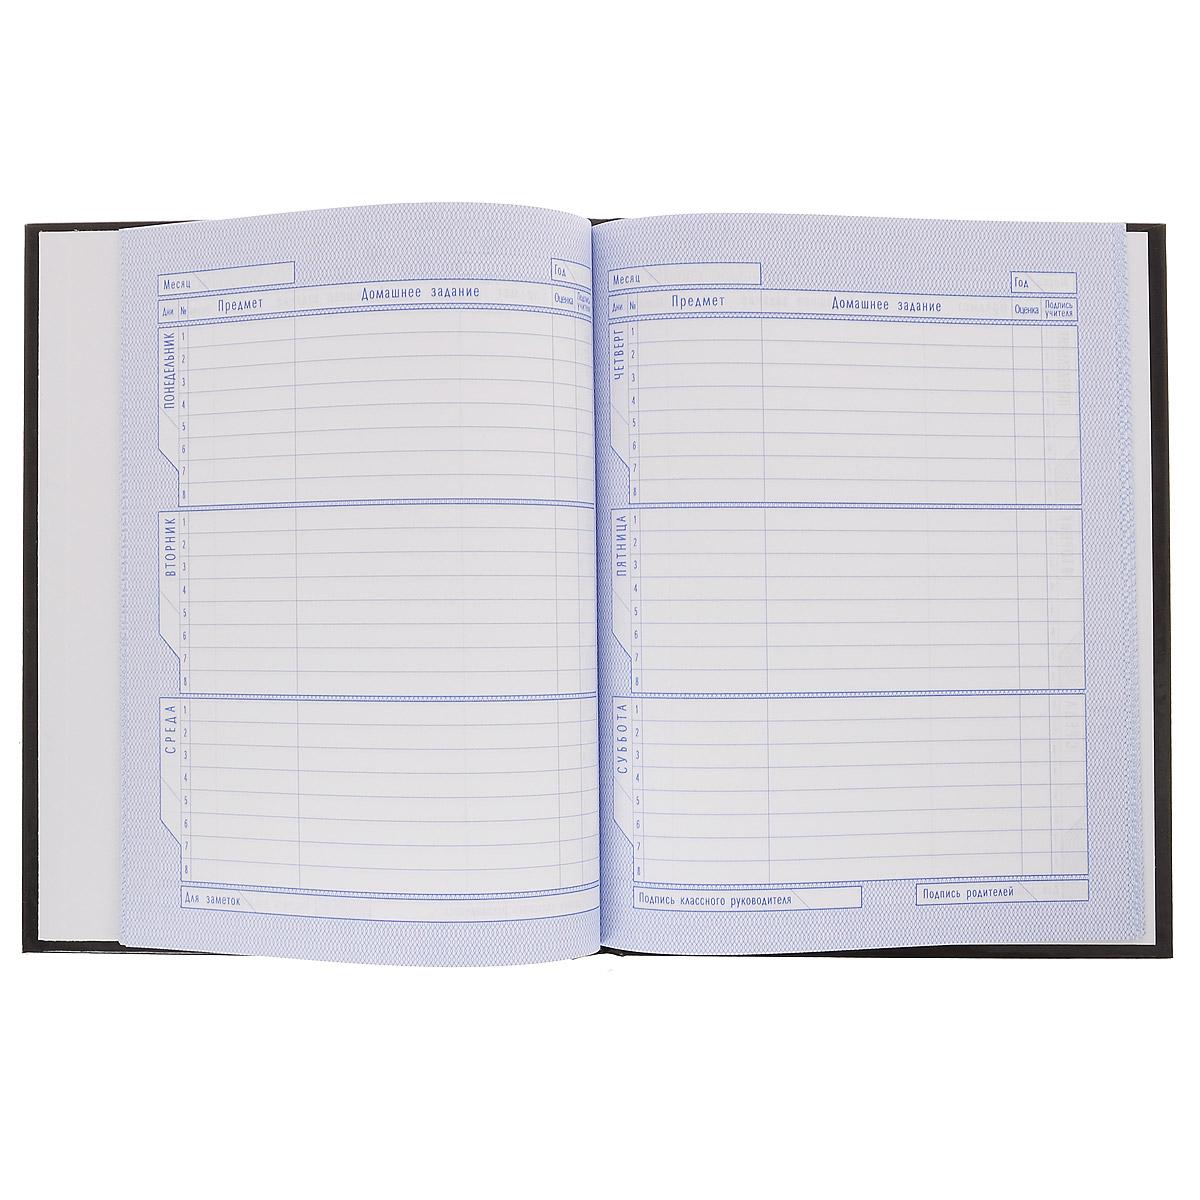 Школьный дневник Hatber The Dog предназначен для учеников 5-11 классов.  Внутренний блок дневника состоит из 48 листов белой бумаги с линовкой синего цвета. Обложка дневника выполнена из плотного глянцевого картона с изображением собачки. В структуру дневника входят все необходимые разделы: информация о личных данных ученика, школе и педагогах, друзьях и одноклассниках, расписание занятий и факультативов по четвертям, сведения об успеваемости с рекомендациями педагогического коллектива. Дневник содержит номера телефонов экстренной помощи и даты государственных праздников. Кроме стандартной информации, в конце дневника имеется краткий справочник школьника по таким предметам, как математика (алгебра и геометрия), физика, химия и история. Справочник содержит ряд формул, дат и событий, подсказок по предмету, которому они предназначены. Дневник Hatber The Dog в твердом переплете с информационным блоком поможет ученику не забыть свои задания, а вы всегда сможете проконтролировать его успеваемость. Рекомендуемый возраст: от 12 лет.